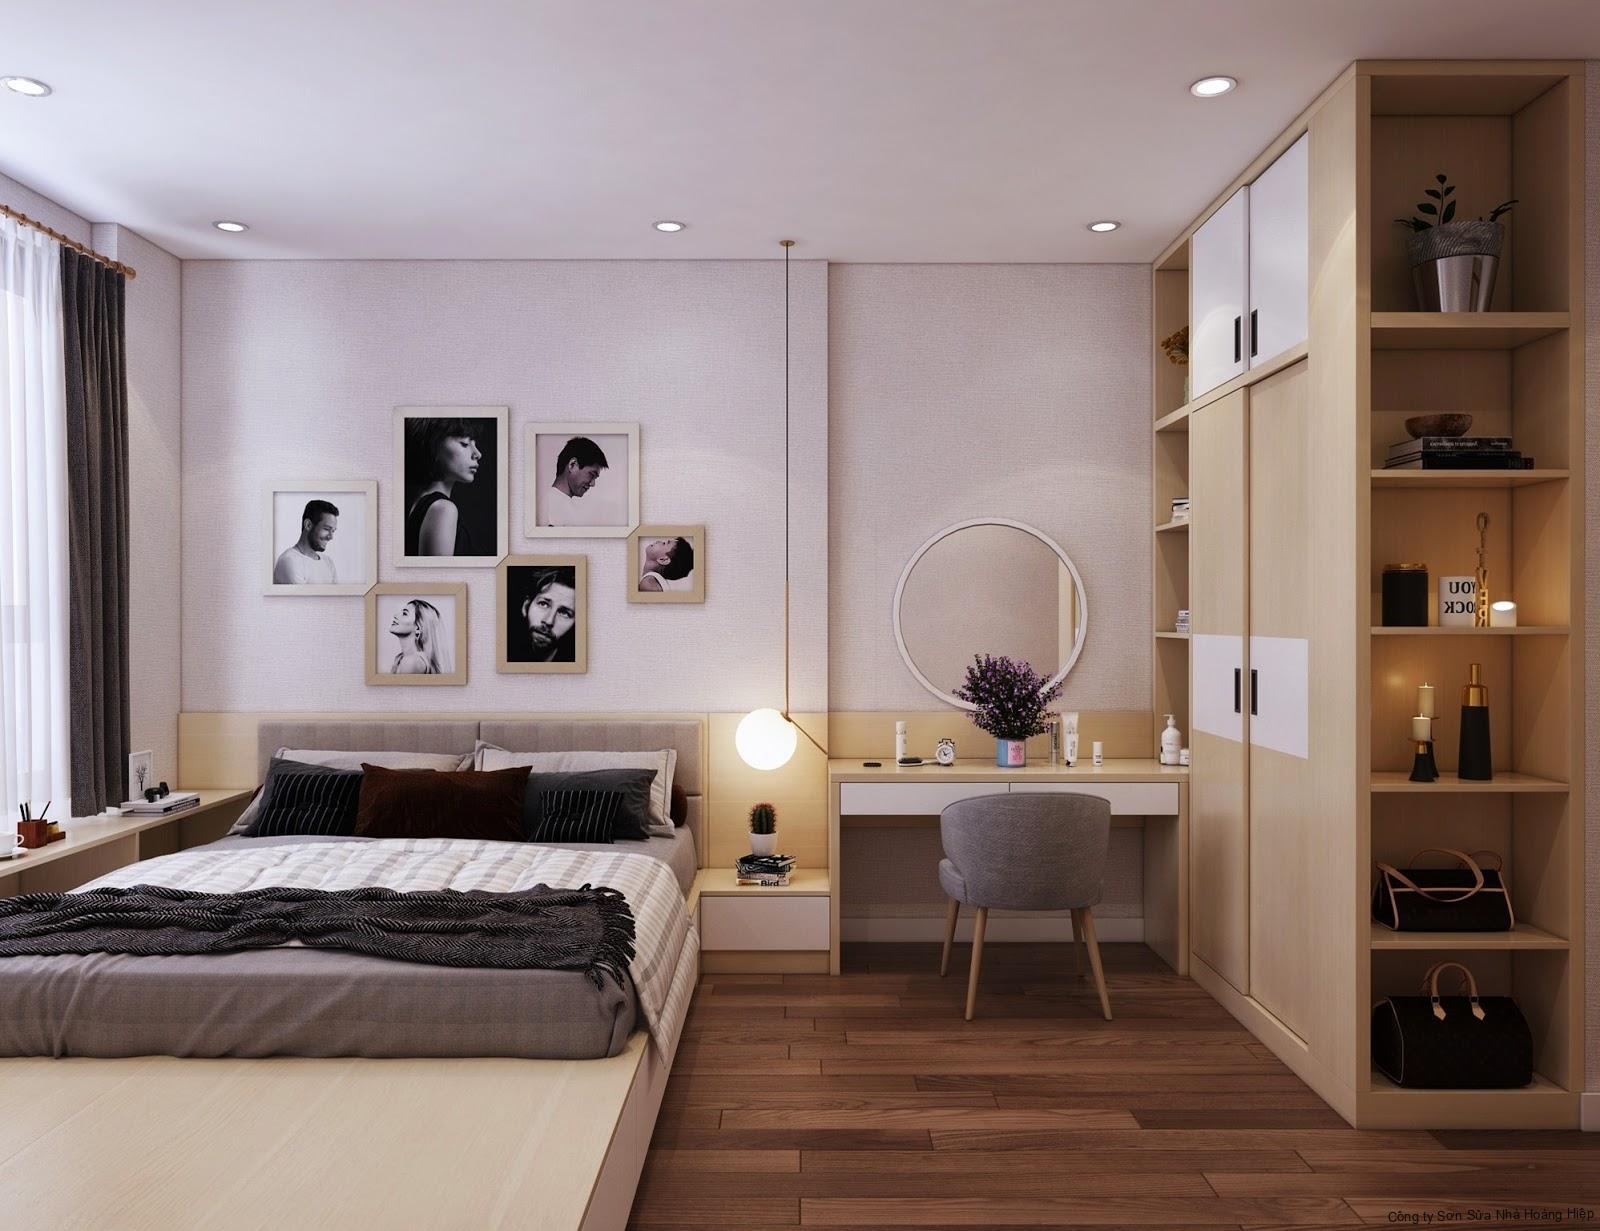 Sử dụng giường ngủ dạng bục và tủ quần áo đụng trần đa năng